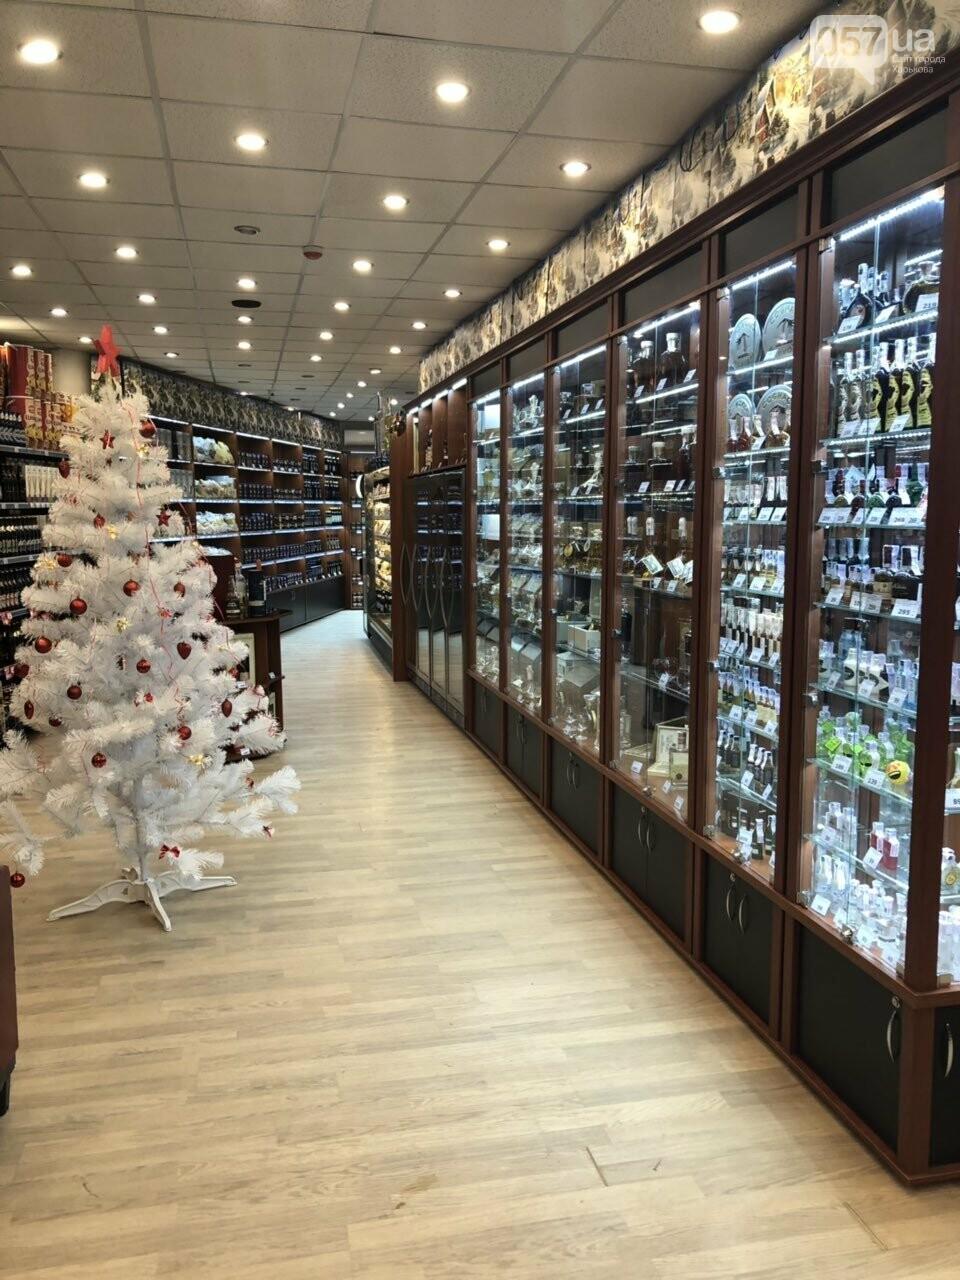 В Харькове открылся новый магазин для самых требовательных гурманов – «Вина мира», фото-6